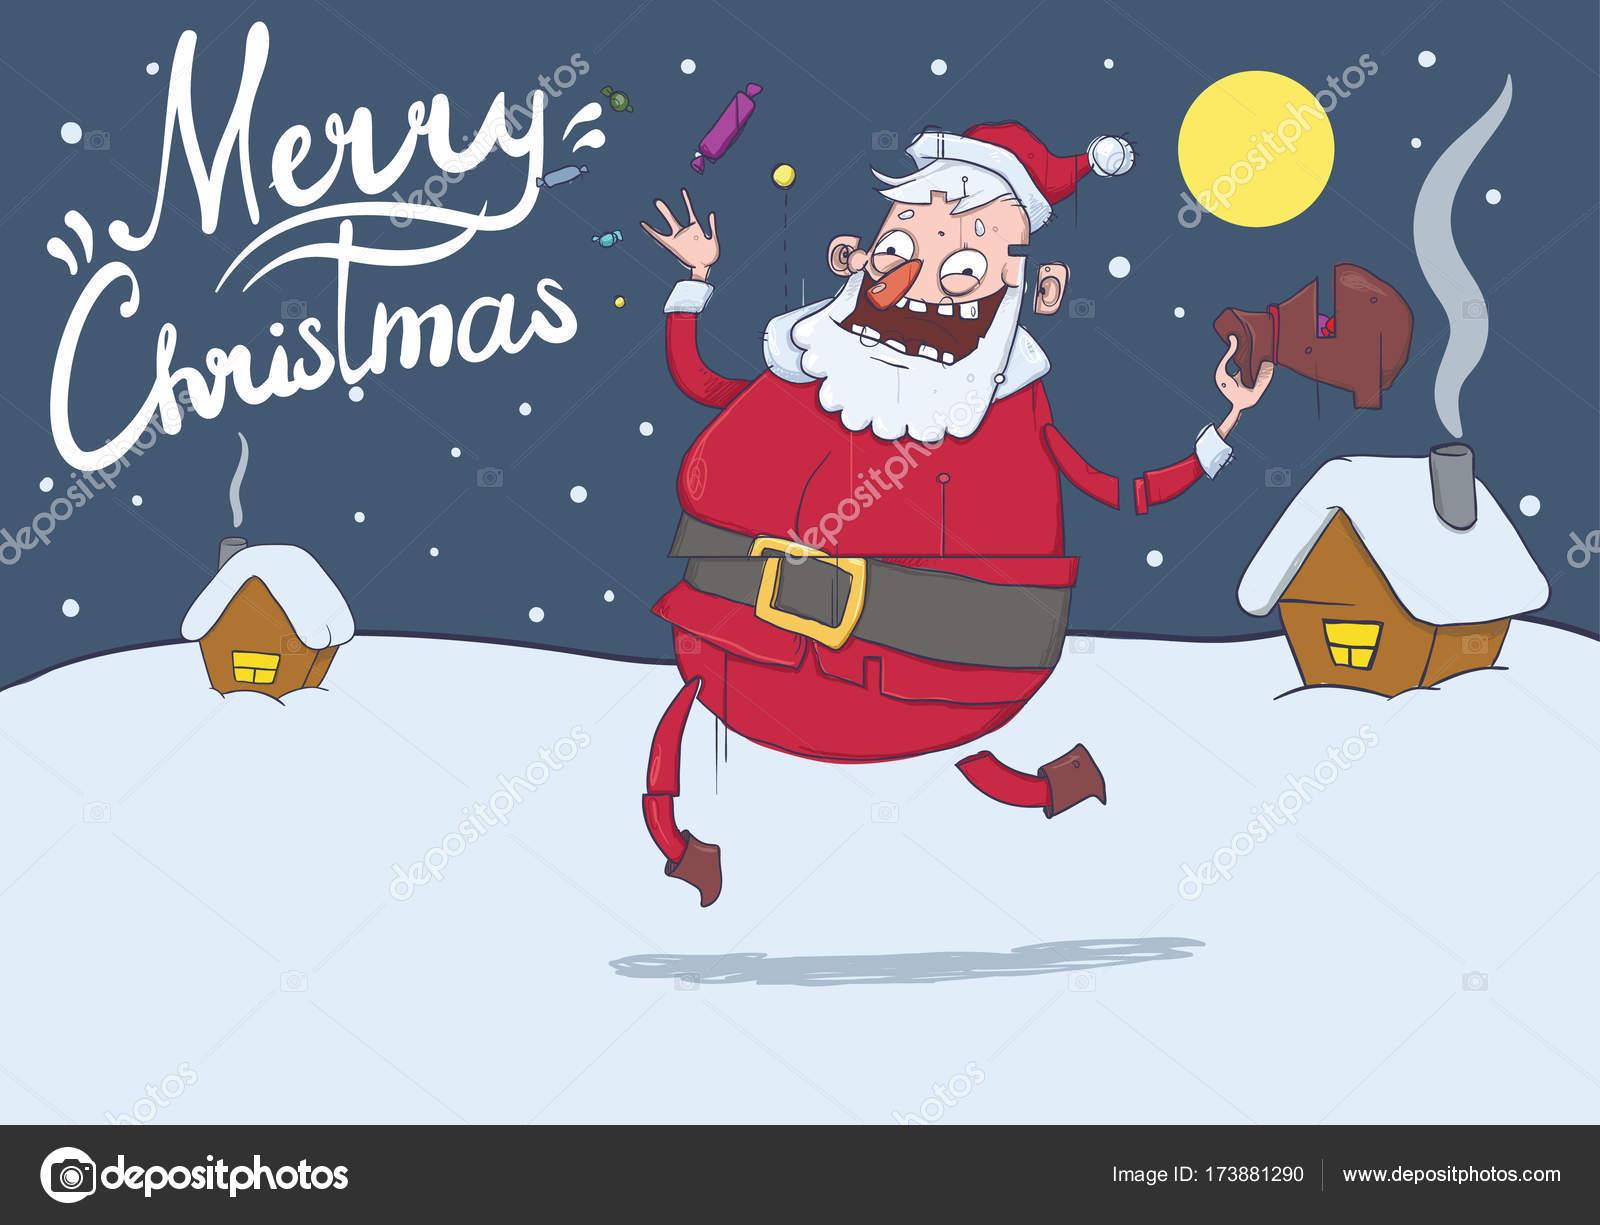 Christmas card with funny Santa Claus. Santa brings gifts and throws ...